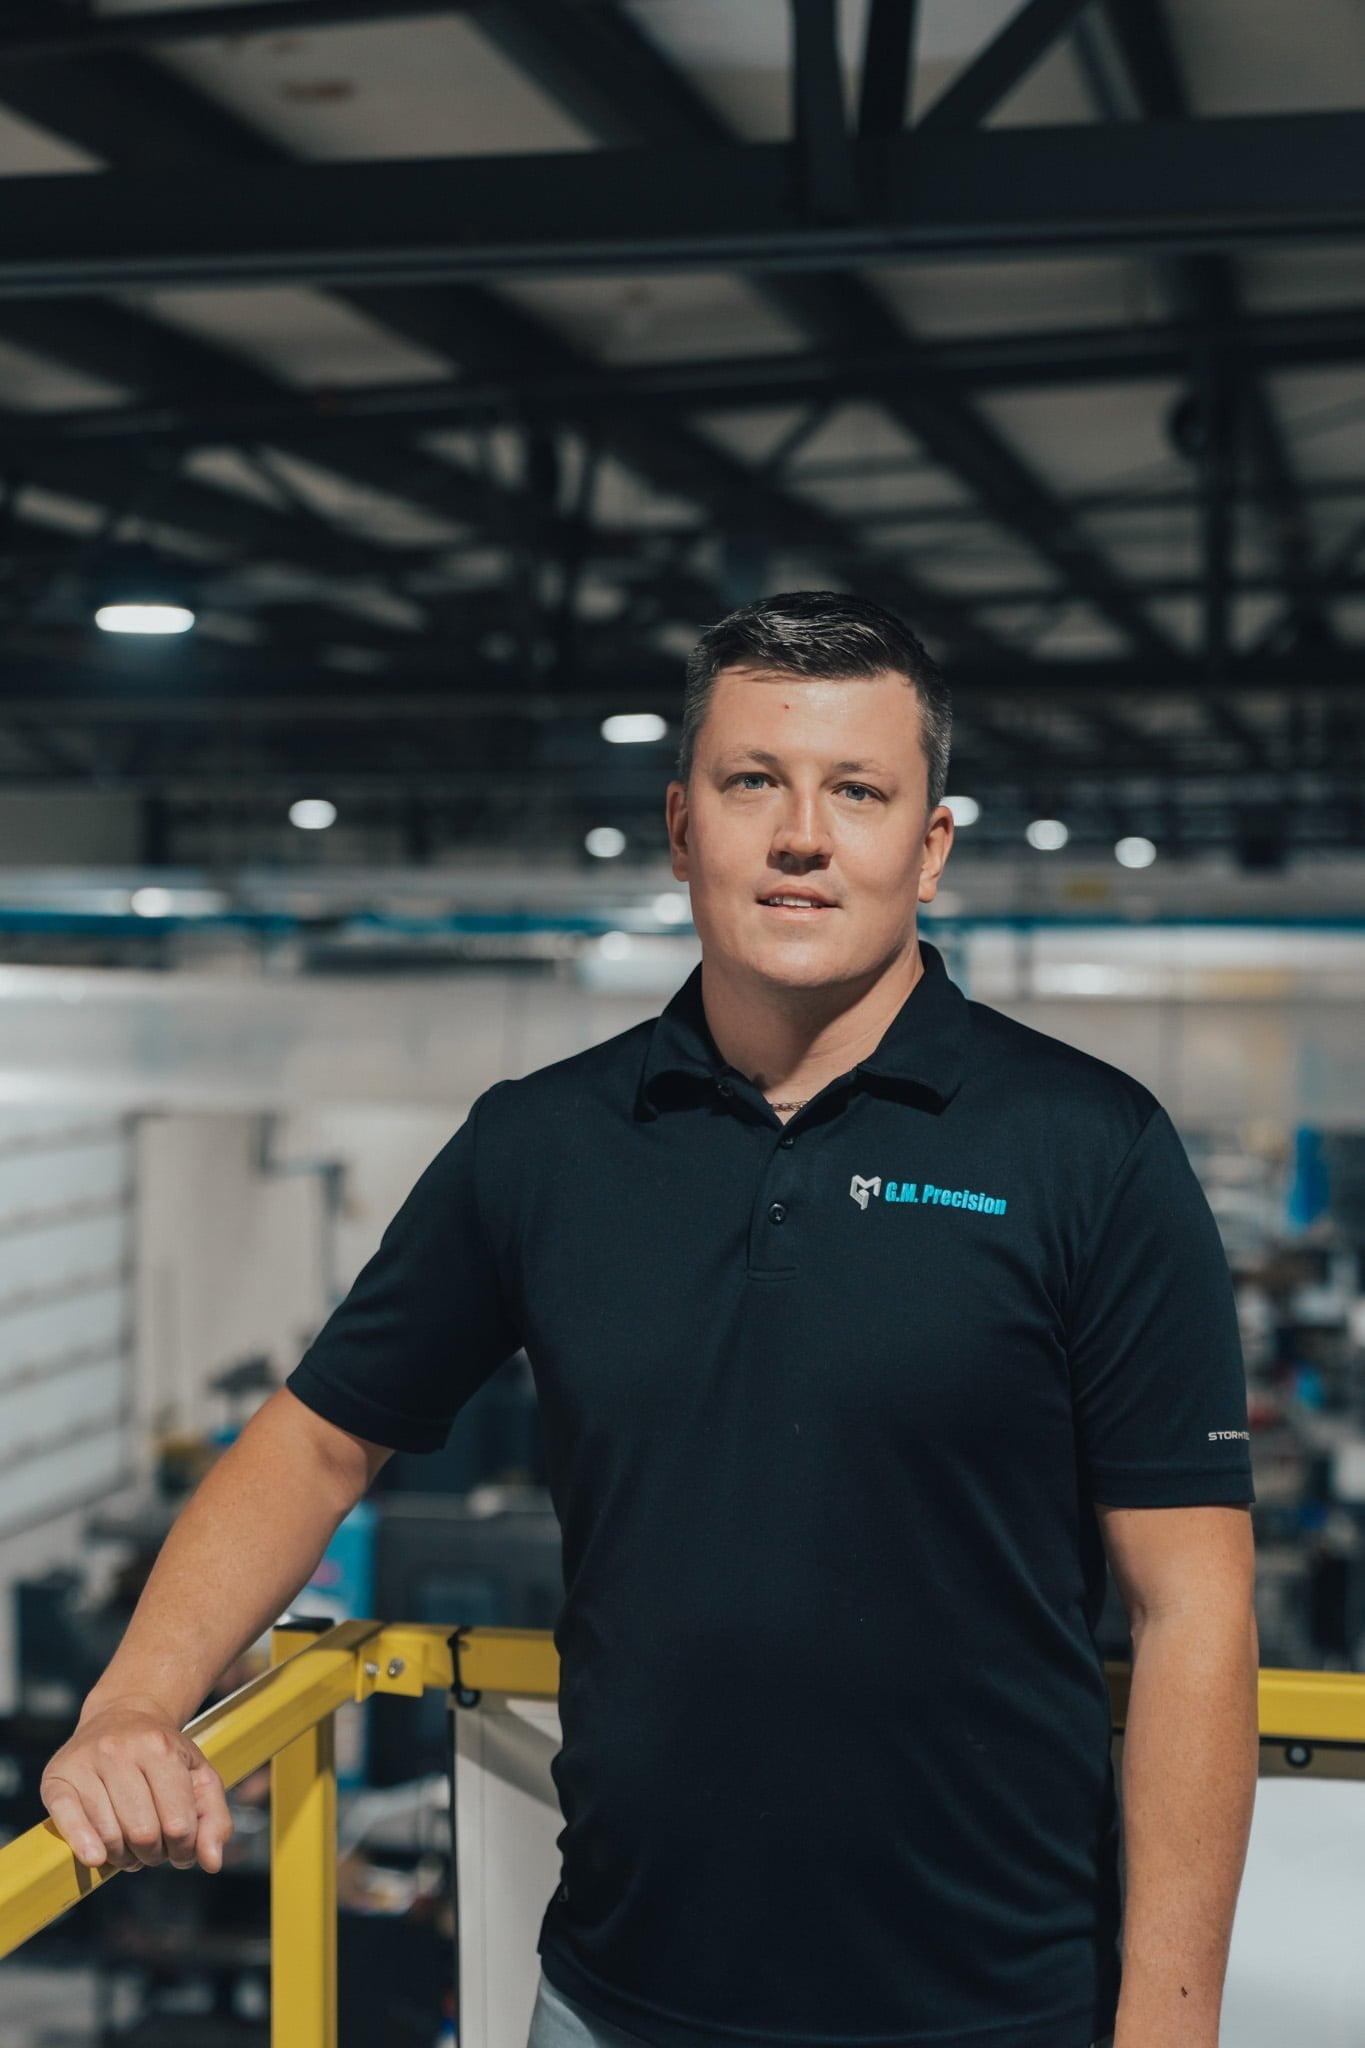 Martin Proteau V.-P. Directeur d'usine & Planificateur dans l'usine